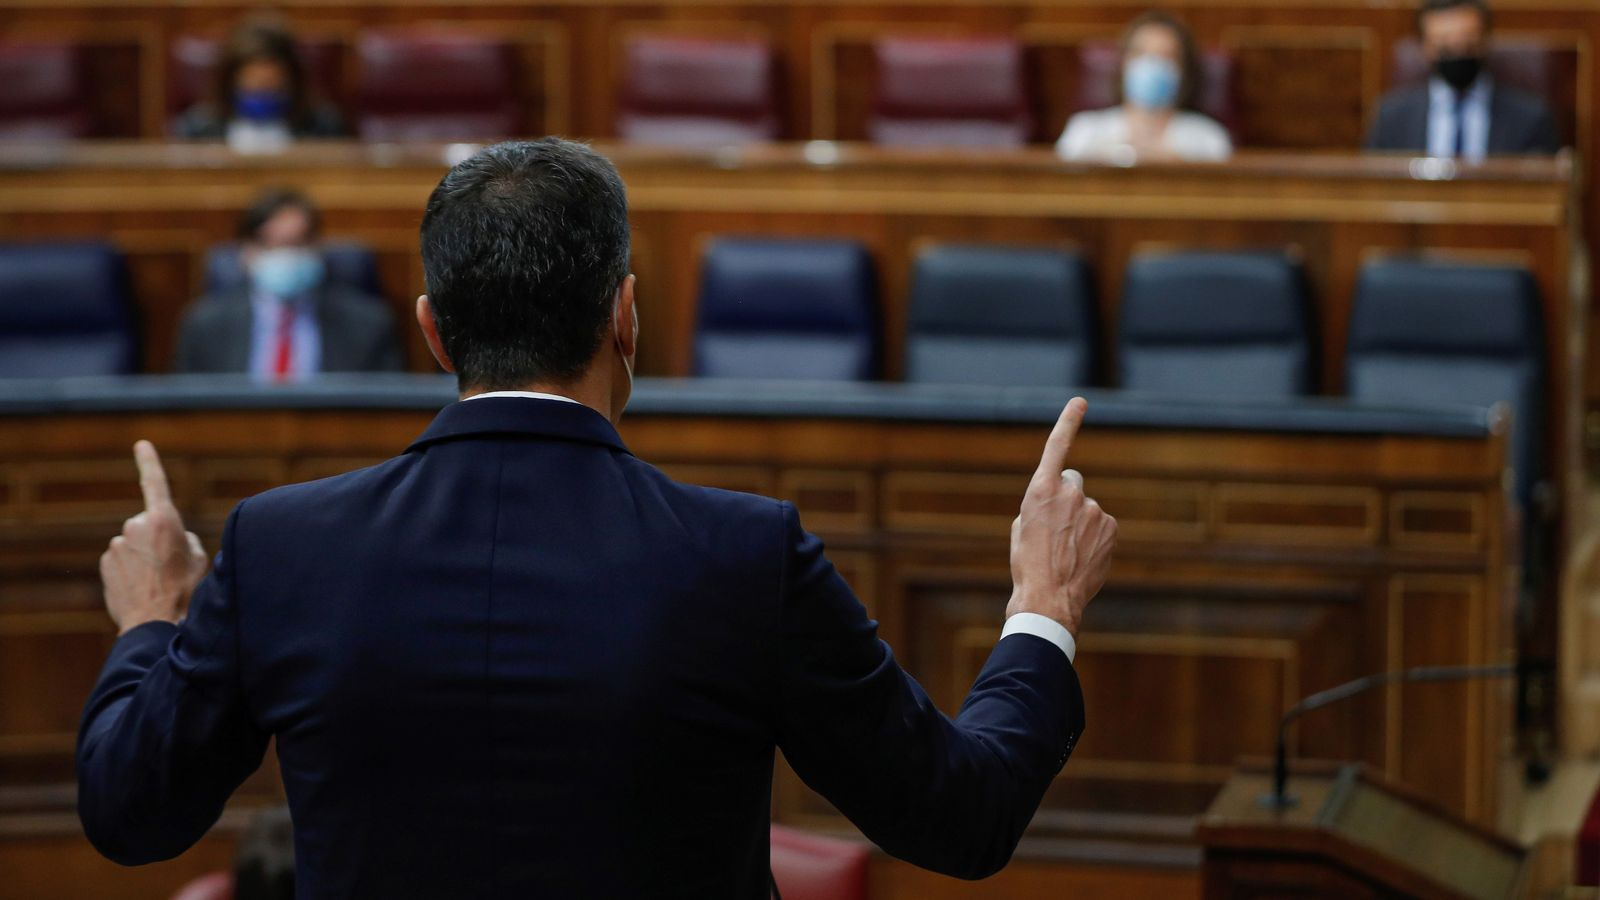 El president del govern espanyol, Pedro Sánchez, dirigint-se al cap de l'oposició, Pablo Casado, durant la sessió de control al Congrés.